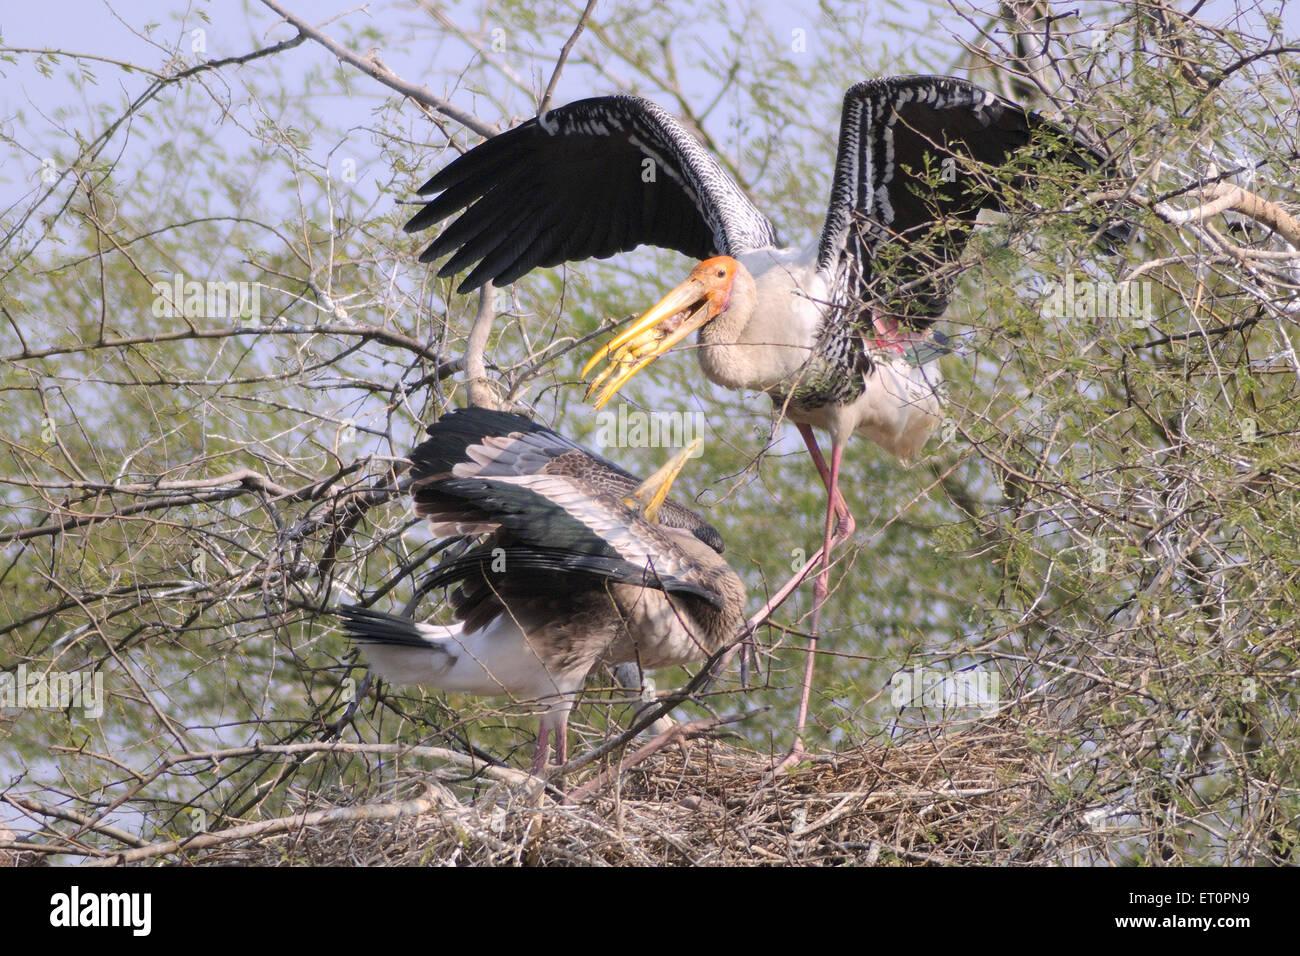 Birds ; painted stork mycteria leucocephala feeding chick ; Bharatpur ; Rajasthan ; India - Stock Image